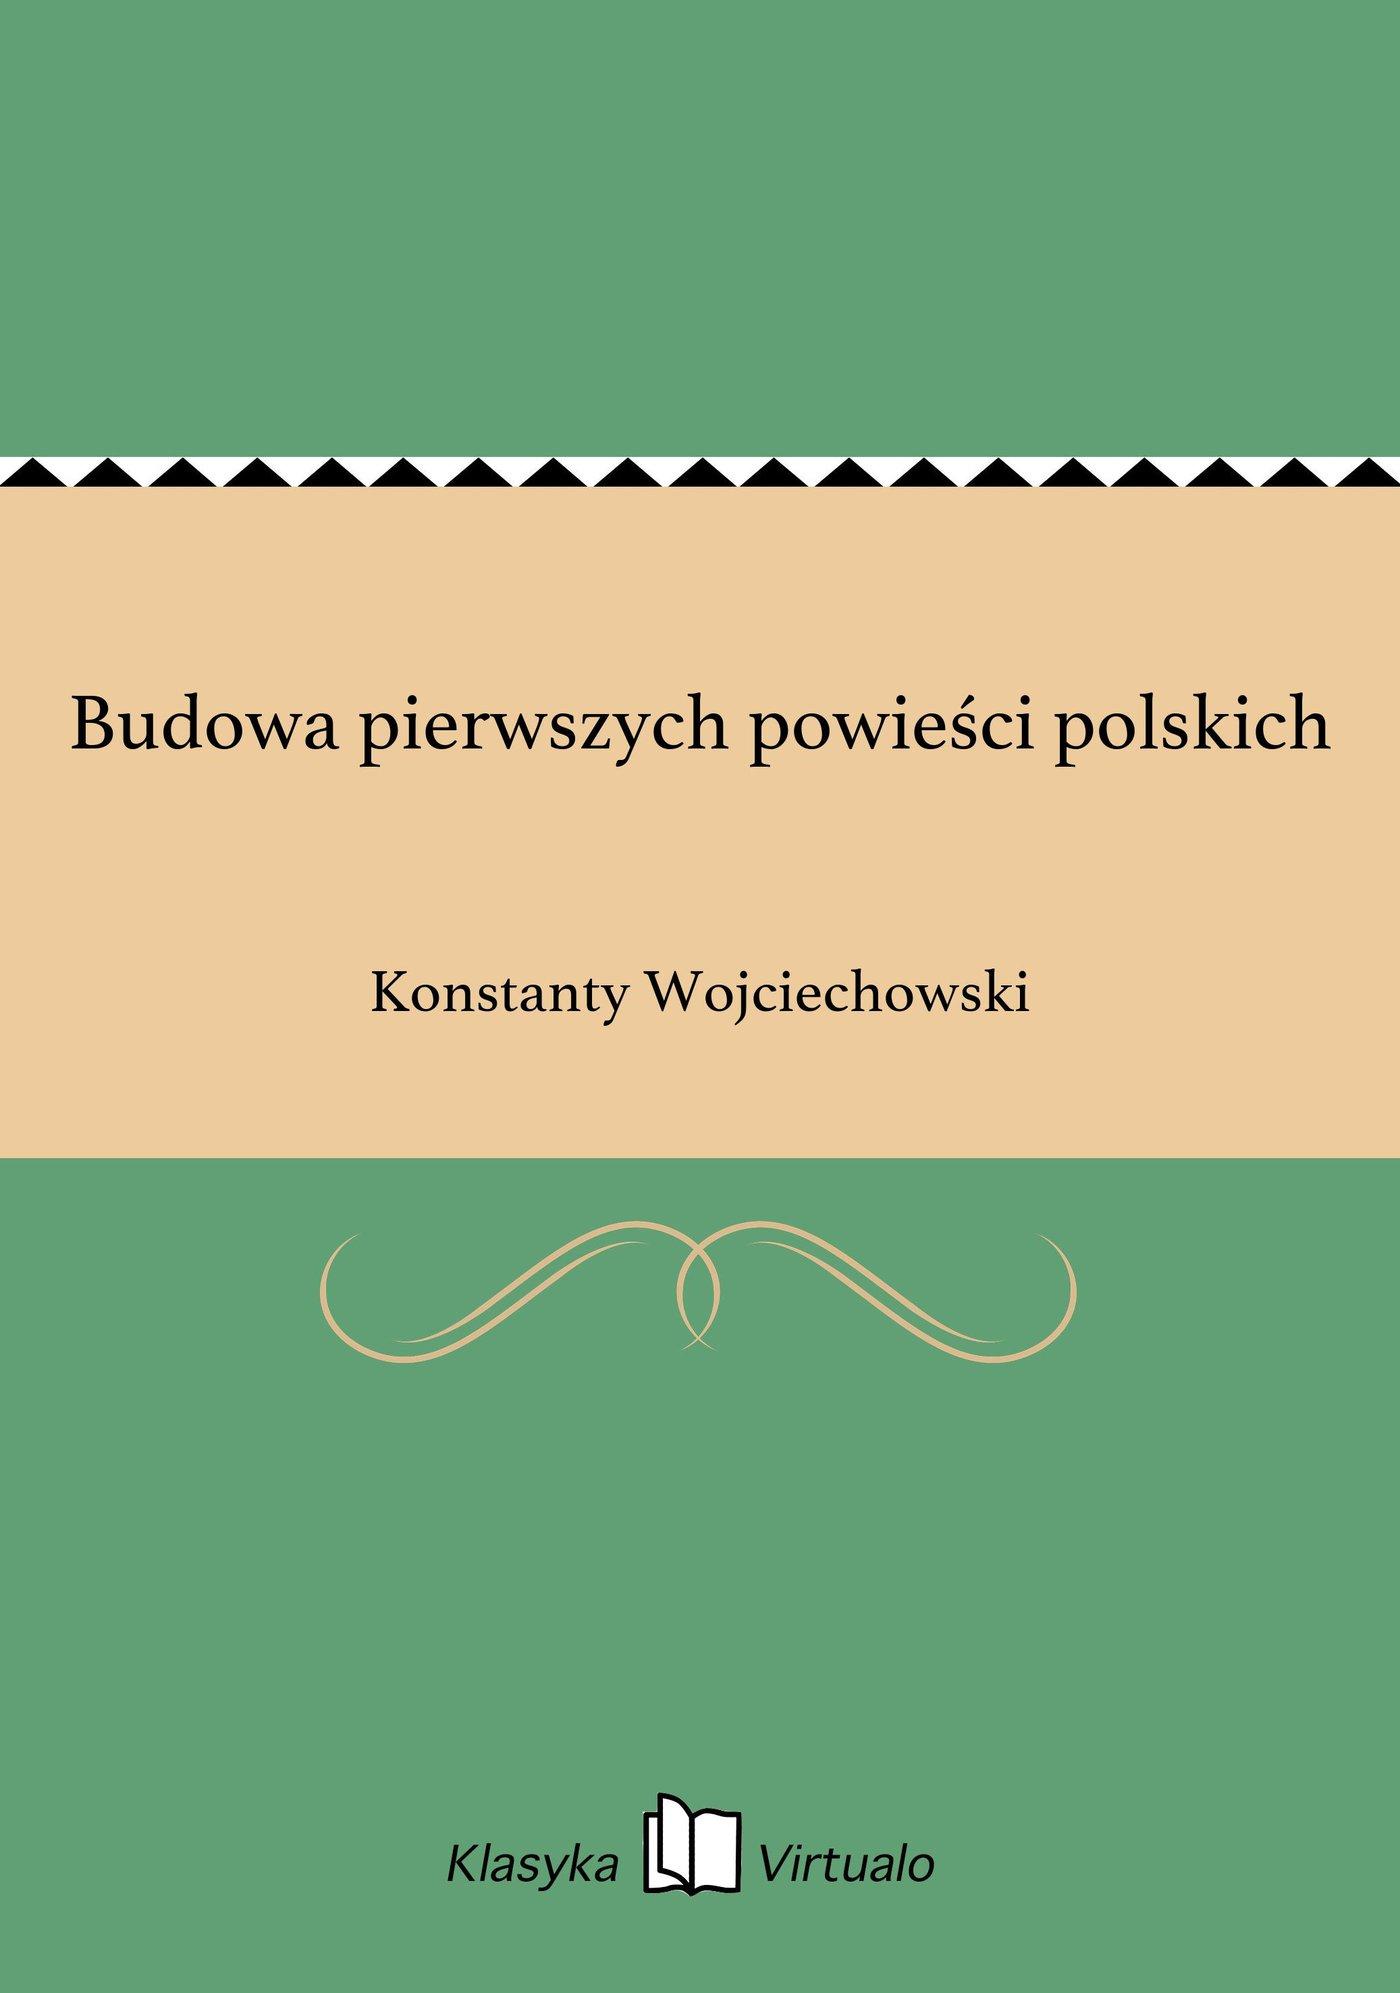 Budowa pierwszych powieści polskich - Ebook (Książka na Kindle) do pobrania w formacie MOBI